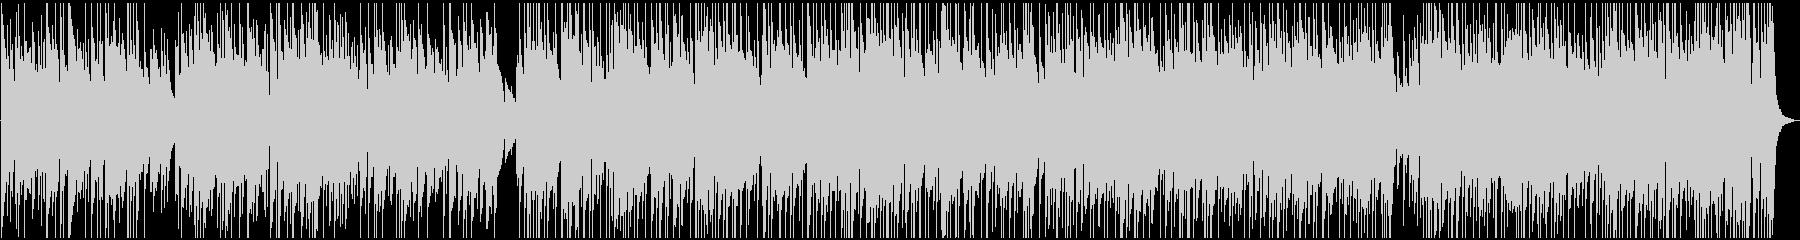 アコギメロディーほのぼの軽快曲の未再生の波形